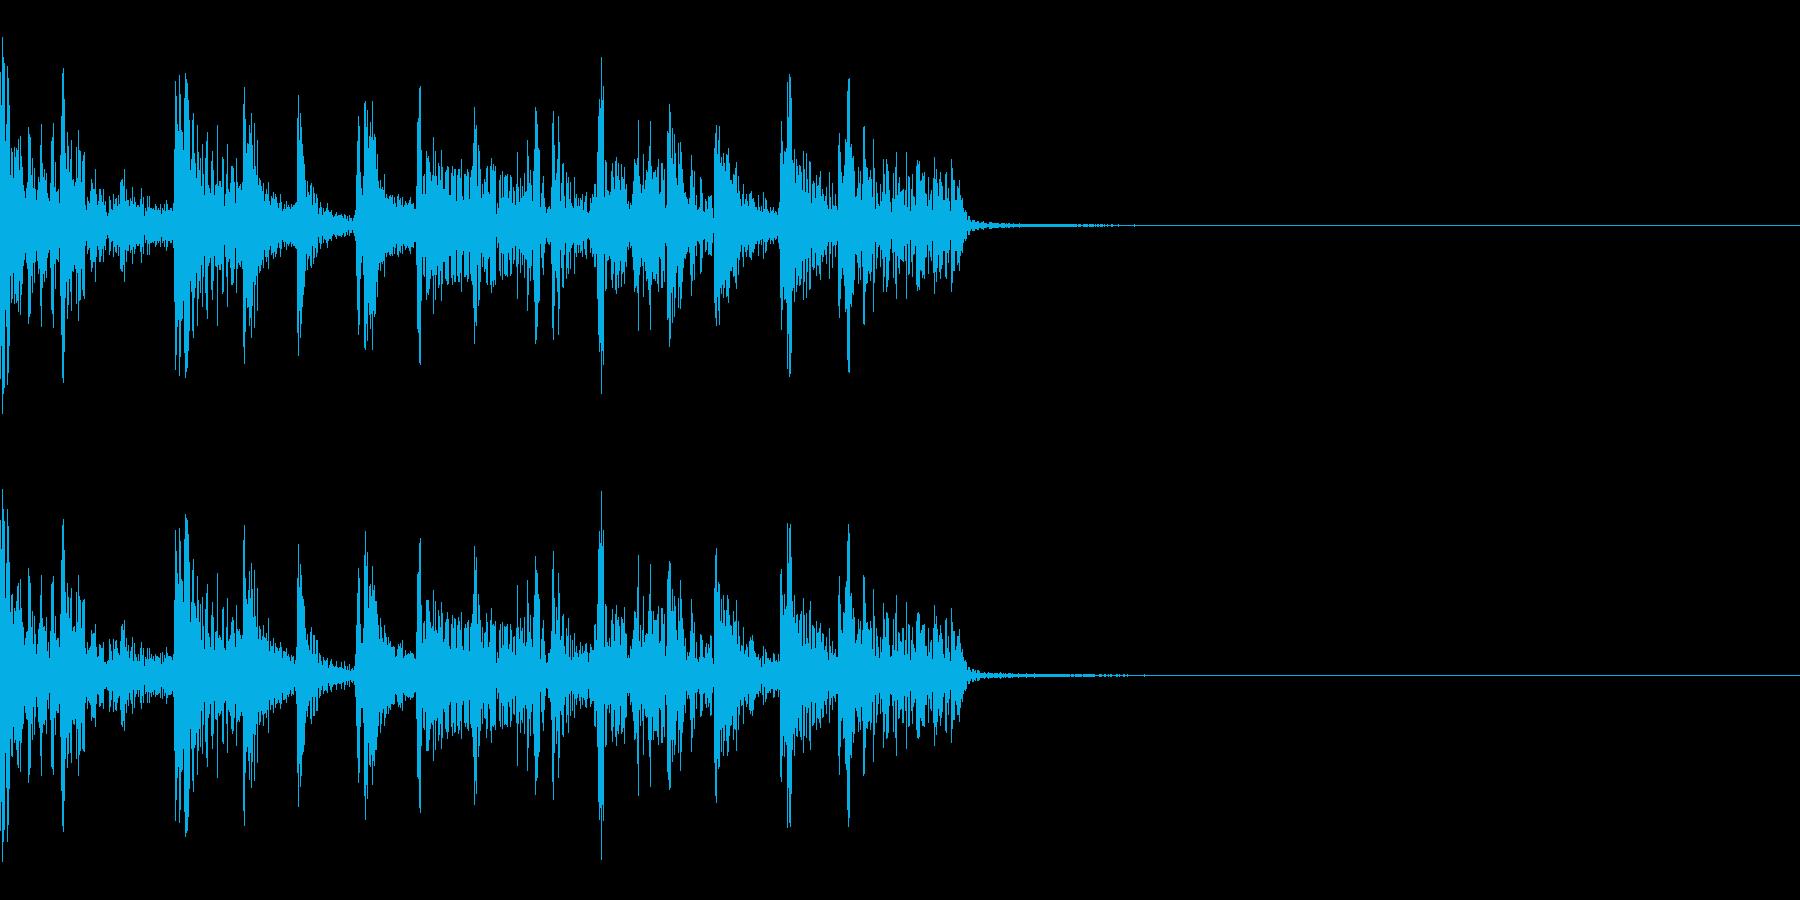 スラップベースが目立つ短めなジングルの再生済みの波形